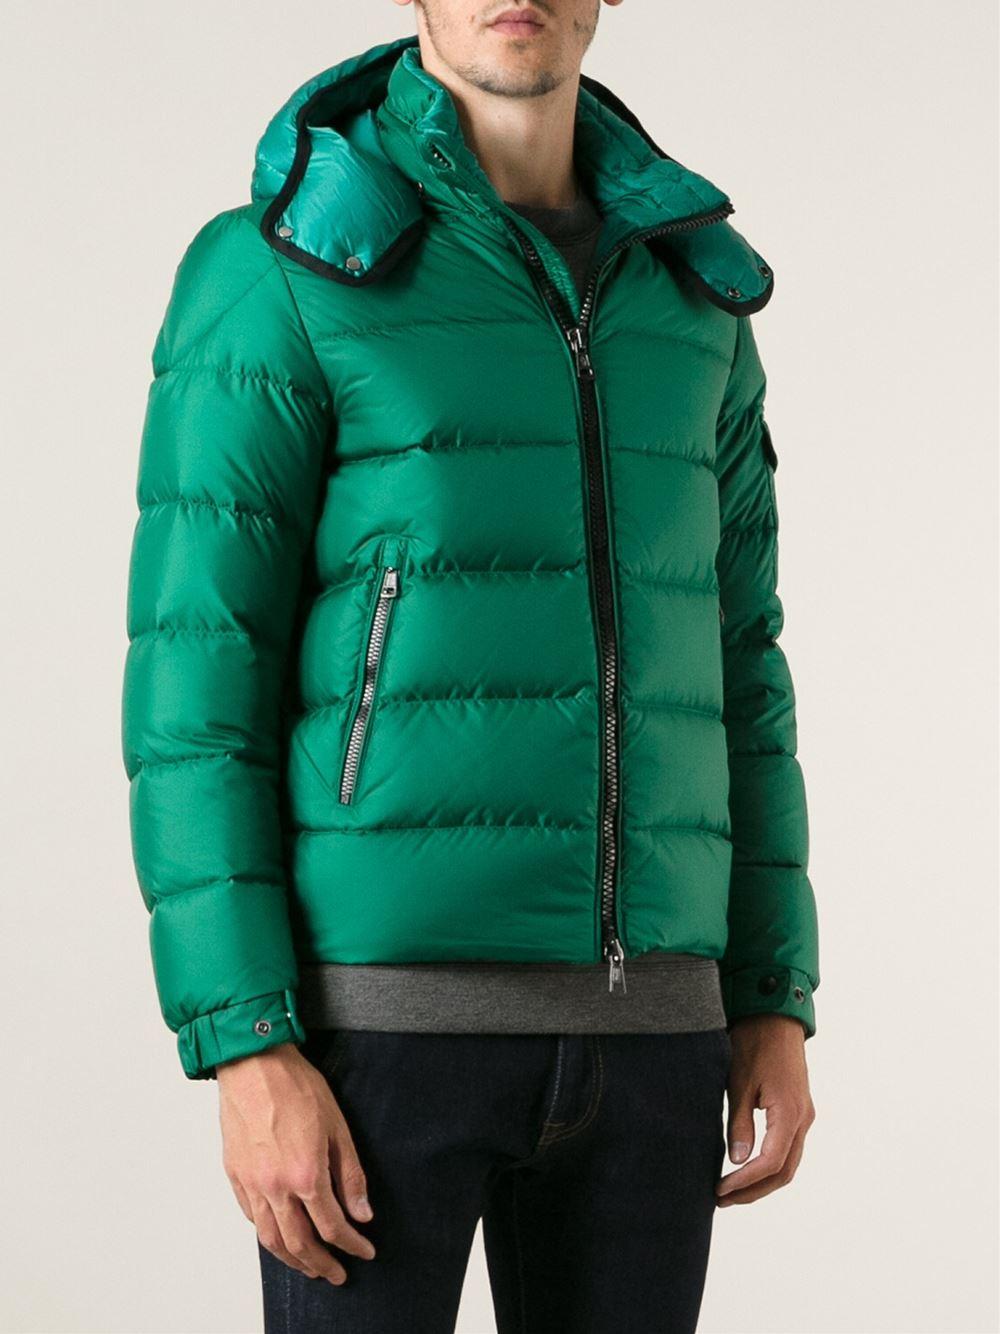 de63eee86 ireland green moncler coat ad212 6c6f2